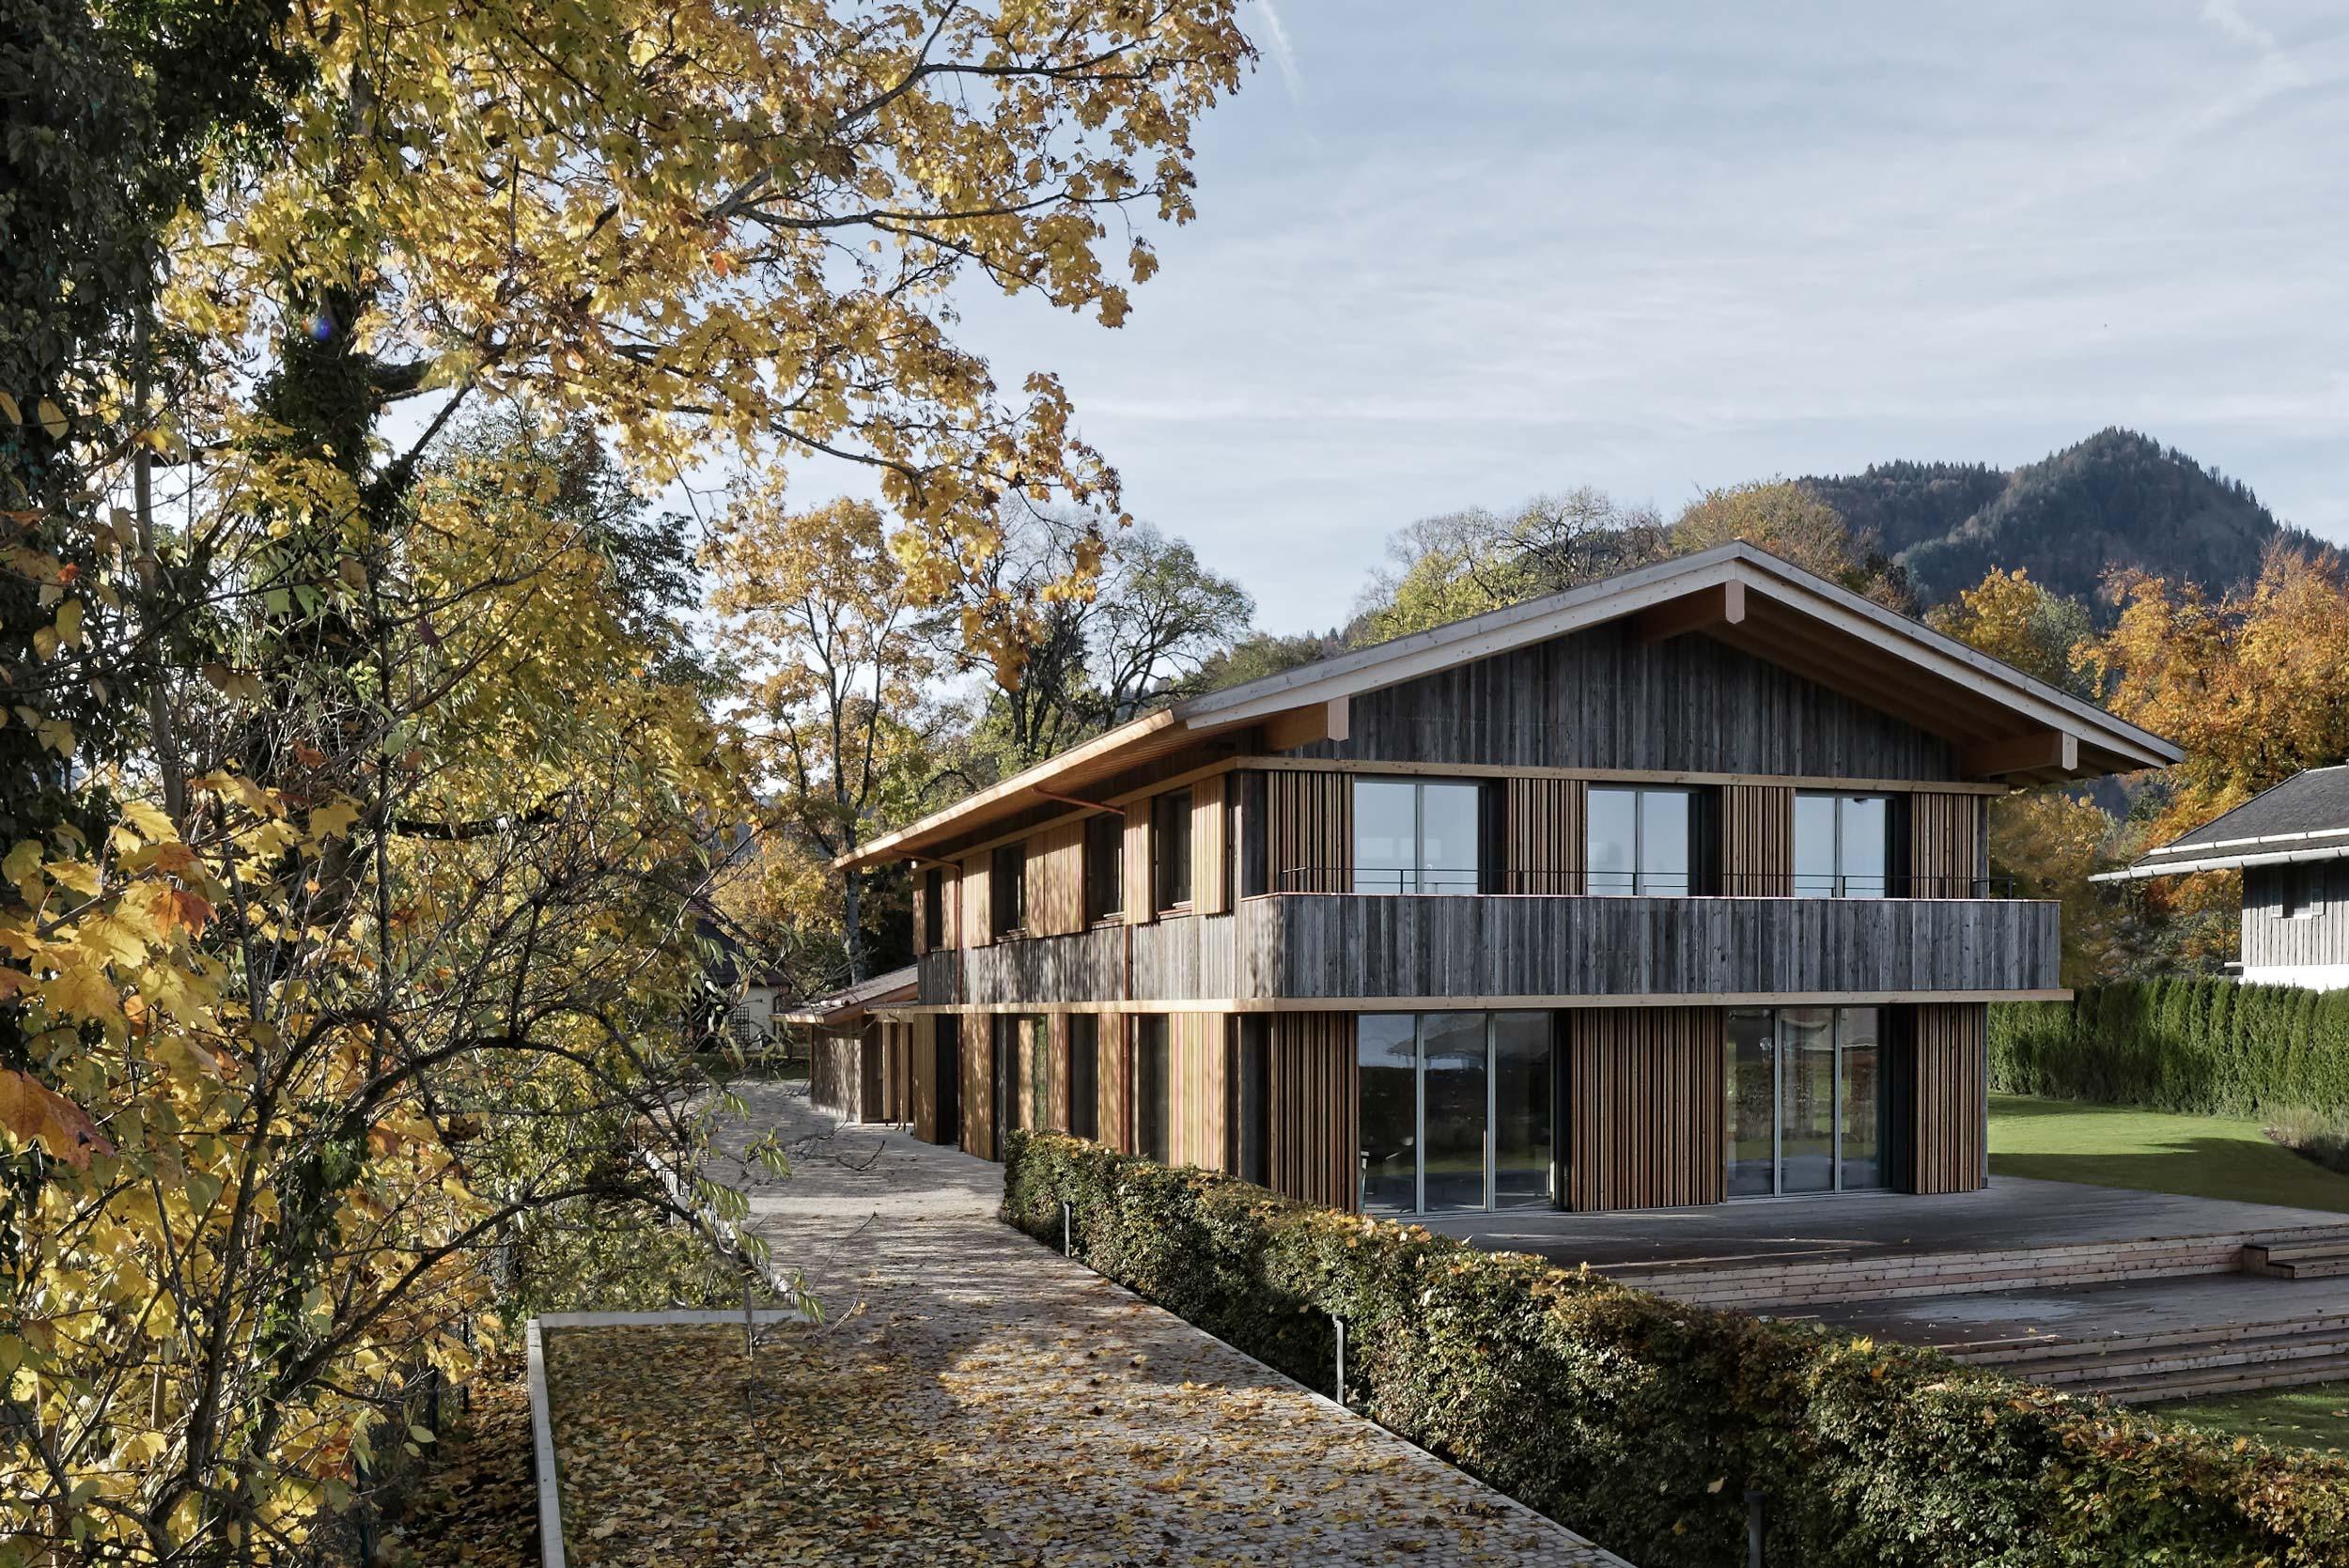 zimmerei-stoib-holzbau-holzhaus-holzarchitektur-tegernsee-modern-altholz-terrasse-schiebeläden-09.jpg